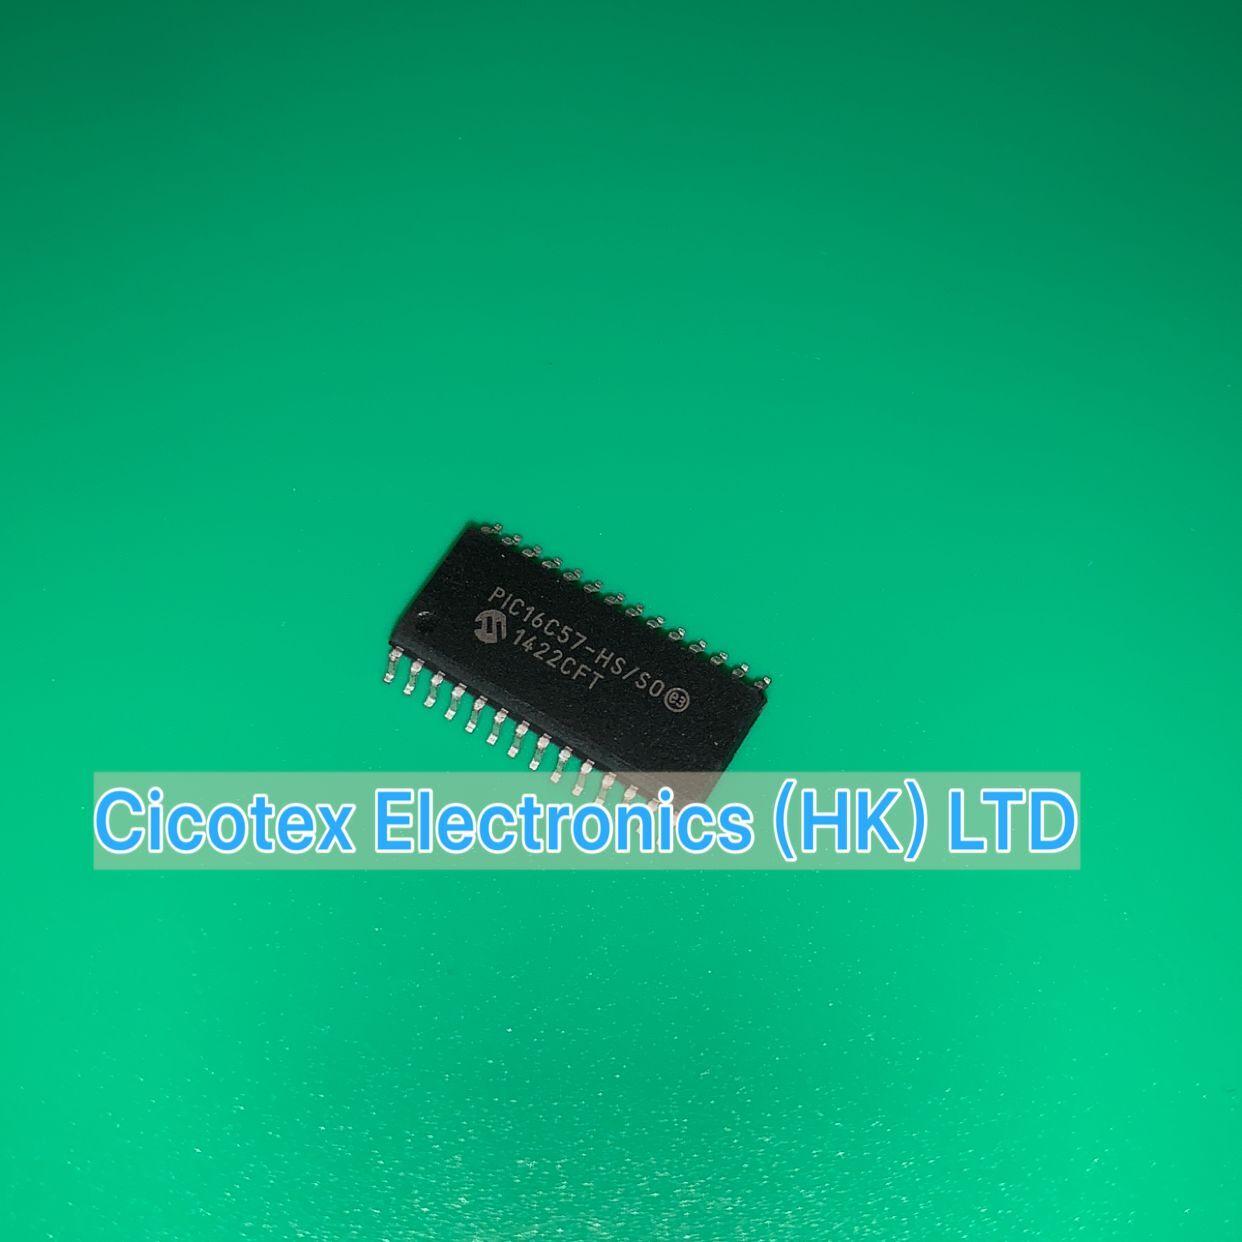 2 pçs/lote PIC16C57-HS/so SOIC-28 pic 16c57-hs/so ic mcu 8bit 3kb otp 28soic PIC16C57T-HS/so pic16c57hsso pic16c 57-hs/so pic16